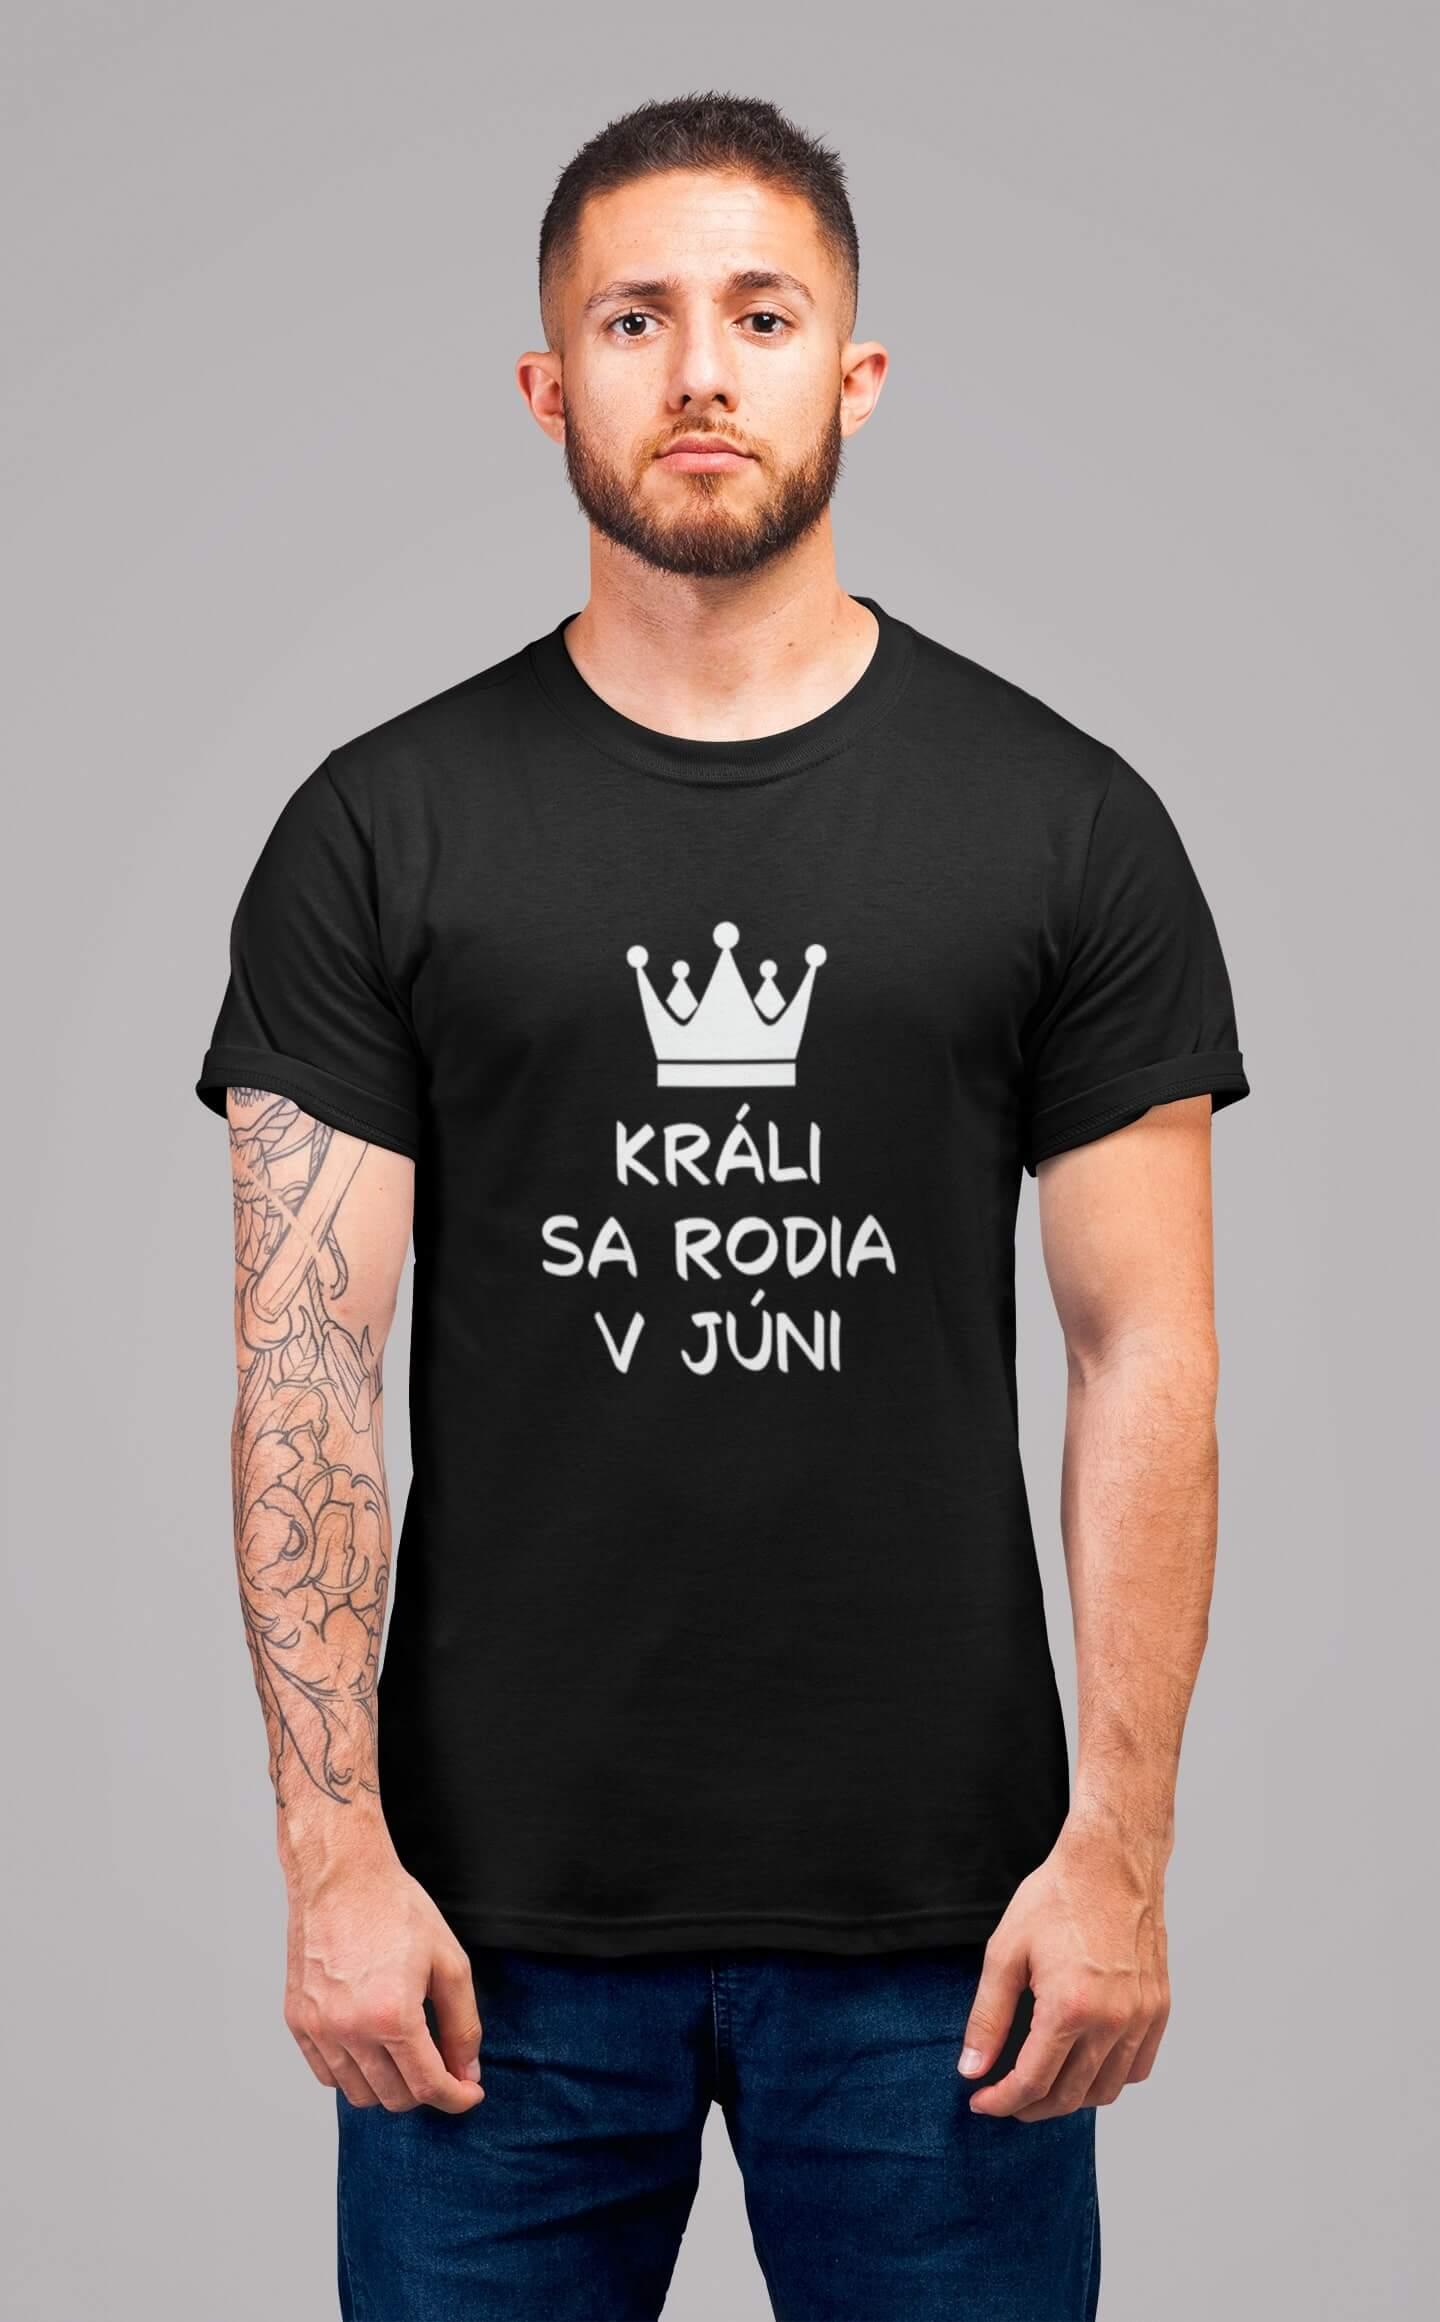 MMO Pánske tričko Králi sa rodia v júni Vyberte farbu: Čierna, Vyberte veľkosť: L